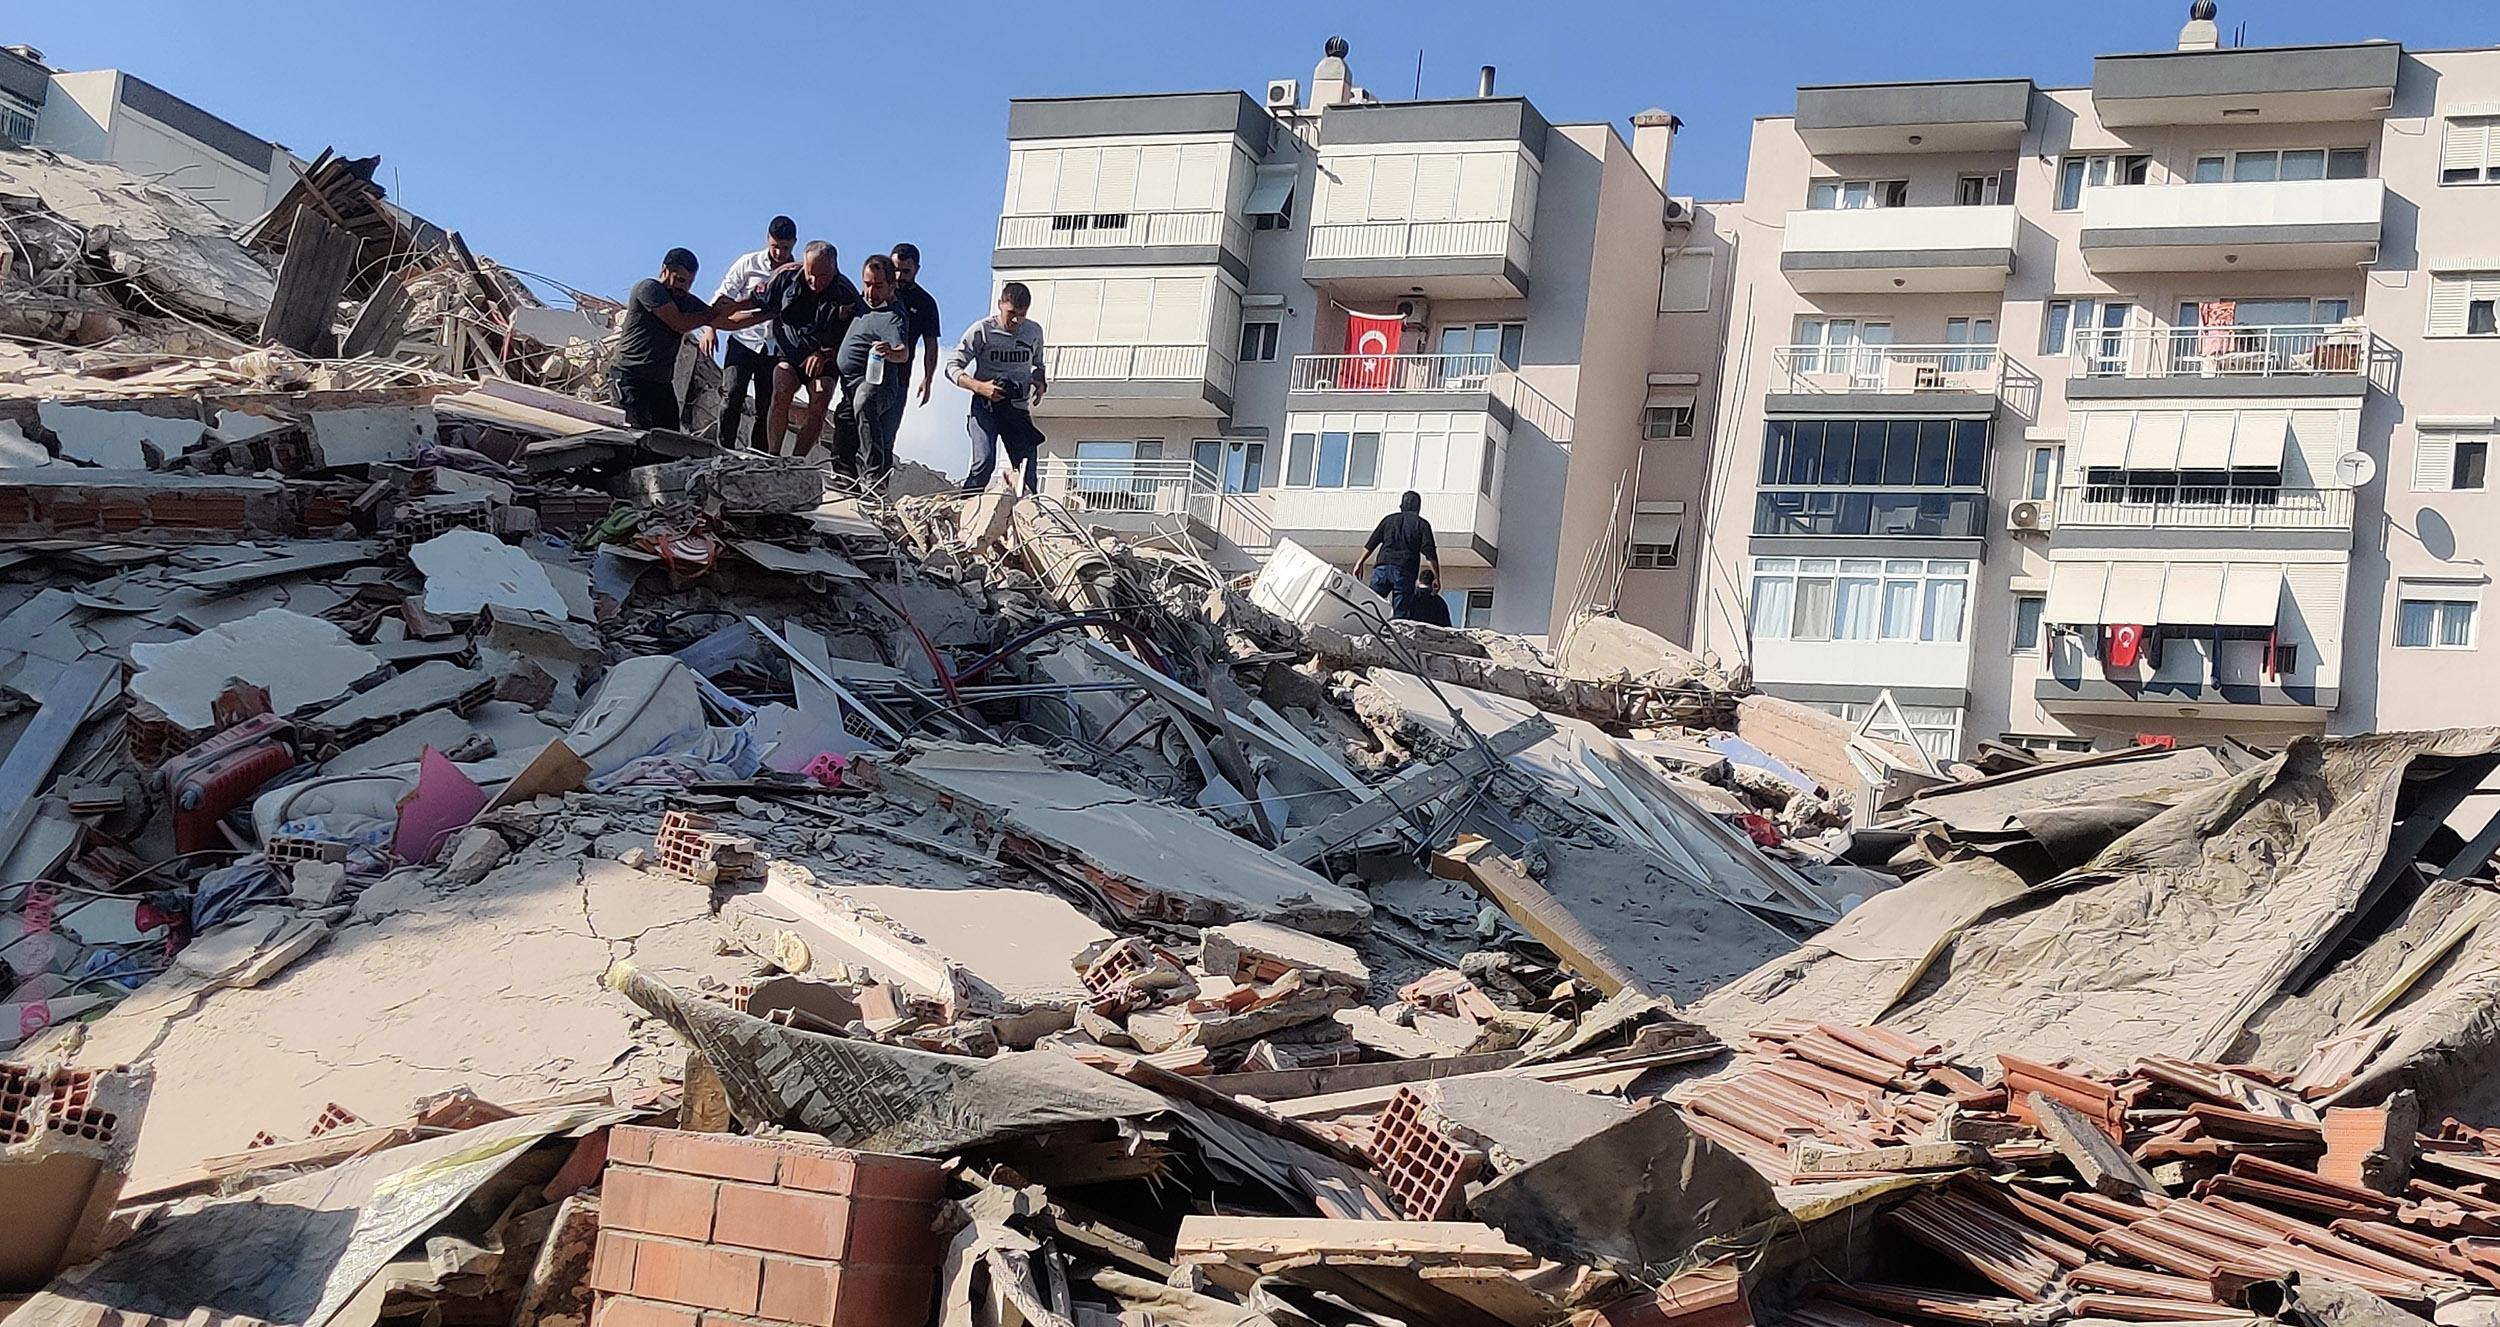 Rëndohet bilanci, shkon në dy numri i shqiptarëve që humbën jetën nga tërmeti në Izmir